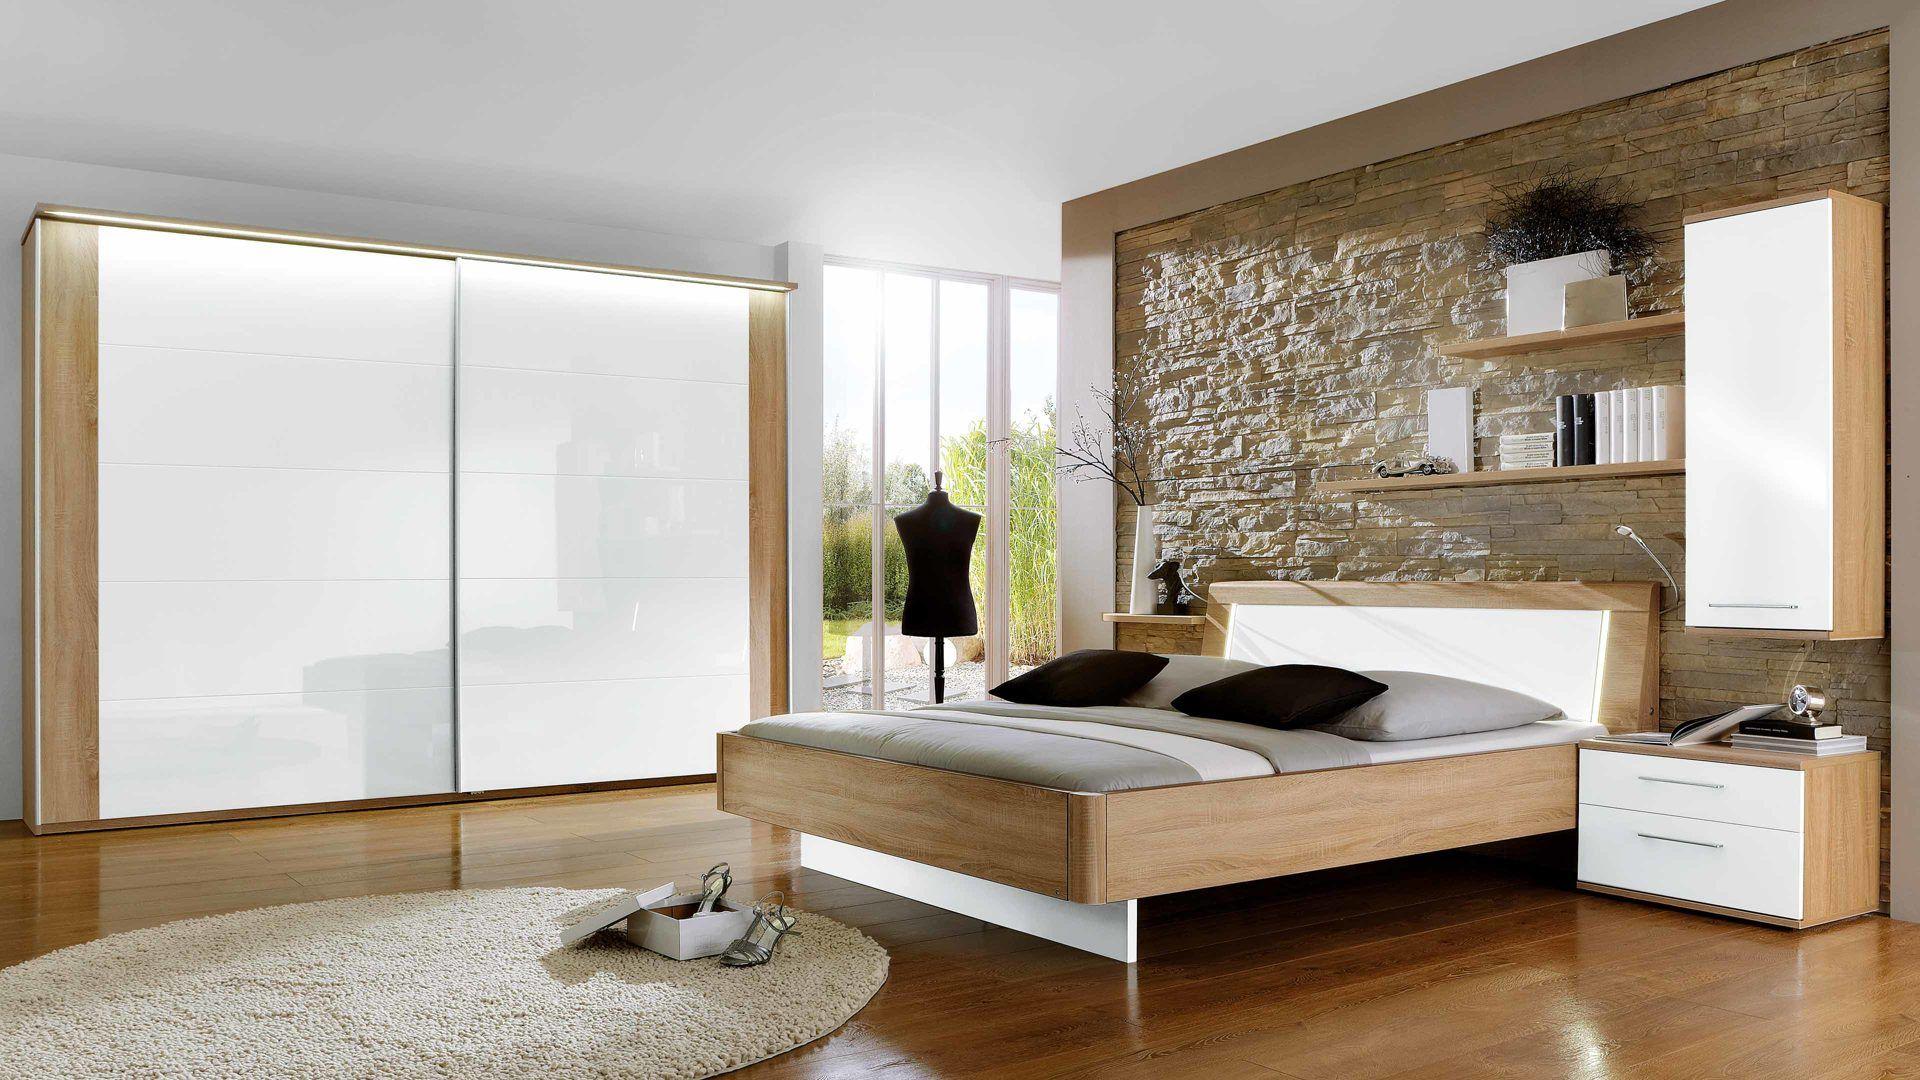 Pin von einrichtungshaus weber gmbh auf inneneinrichtung pinterest m bel schlafzimmer und - Inneneinrichtung schlafzimmer ...